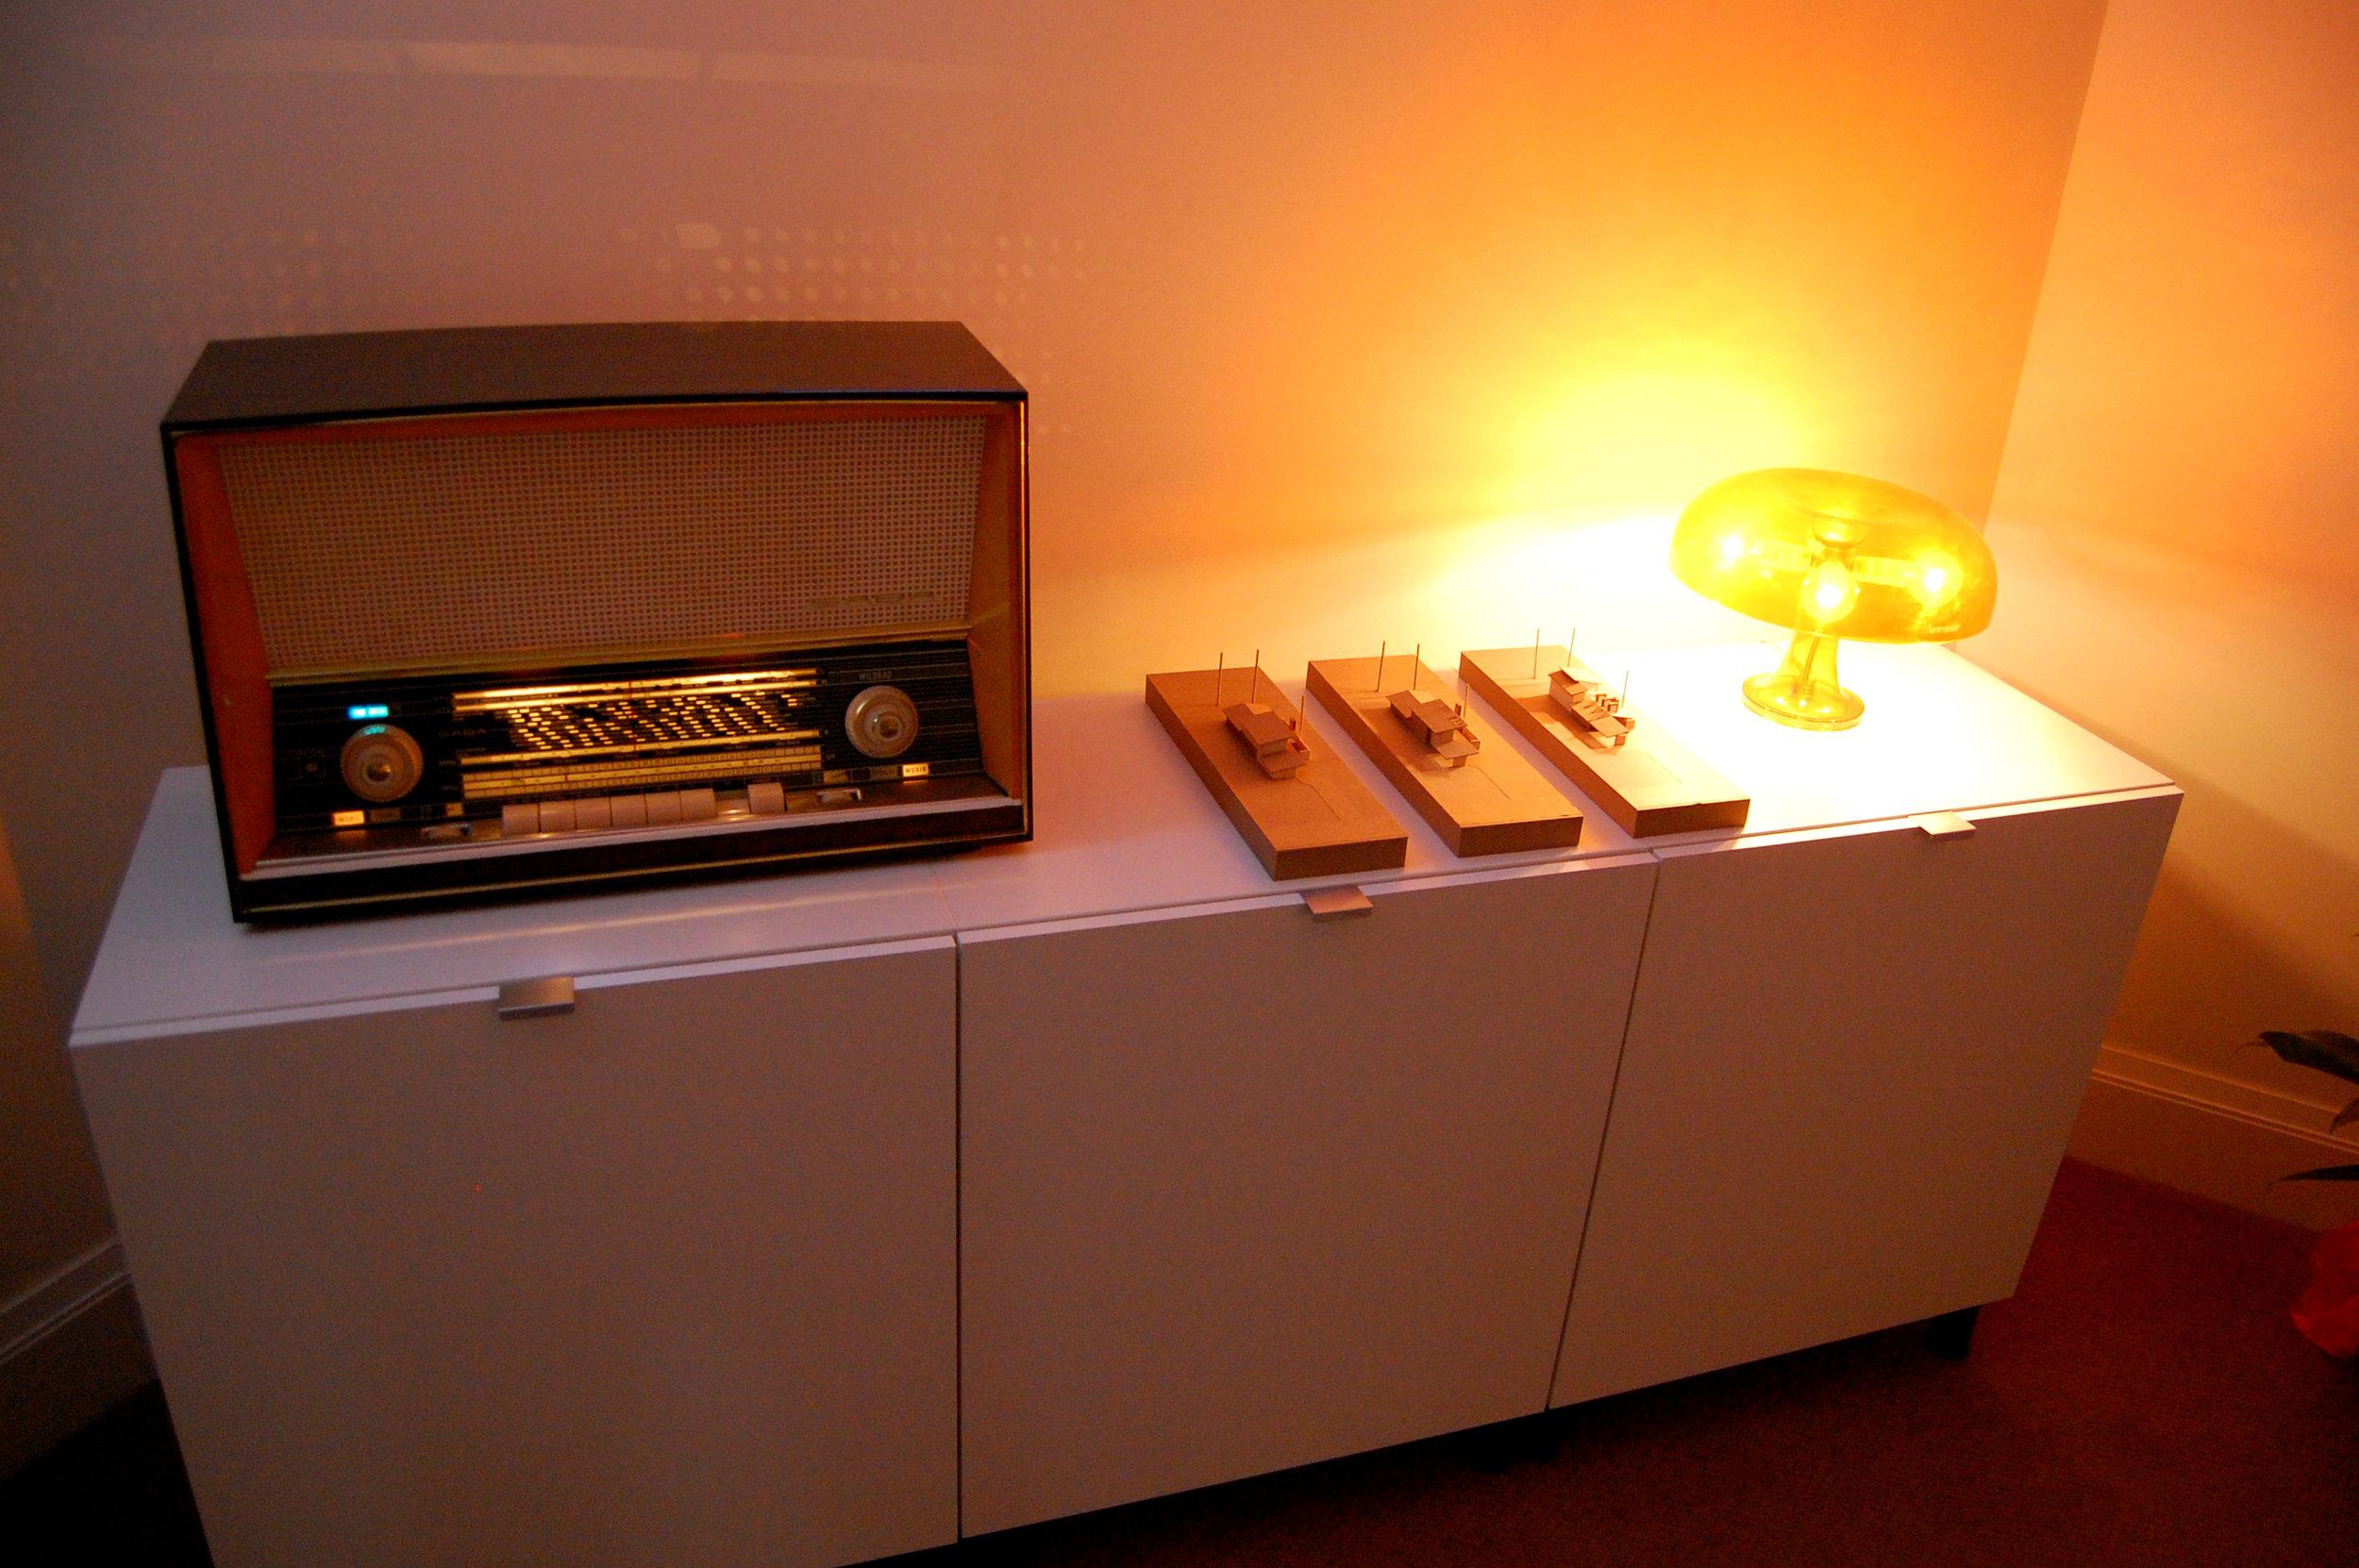 05-radio table.JPG